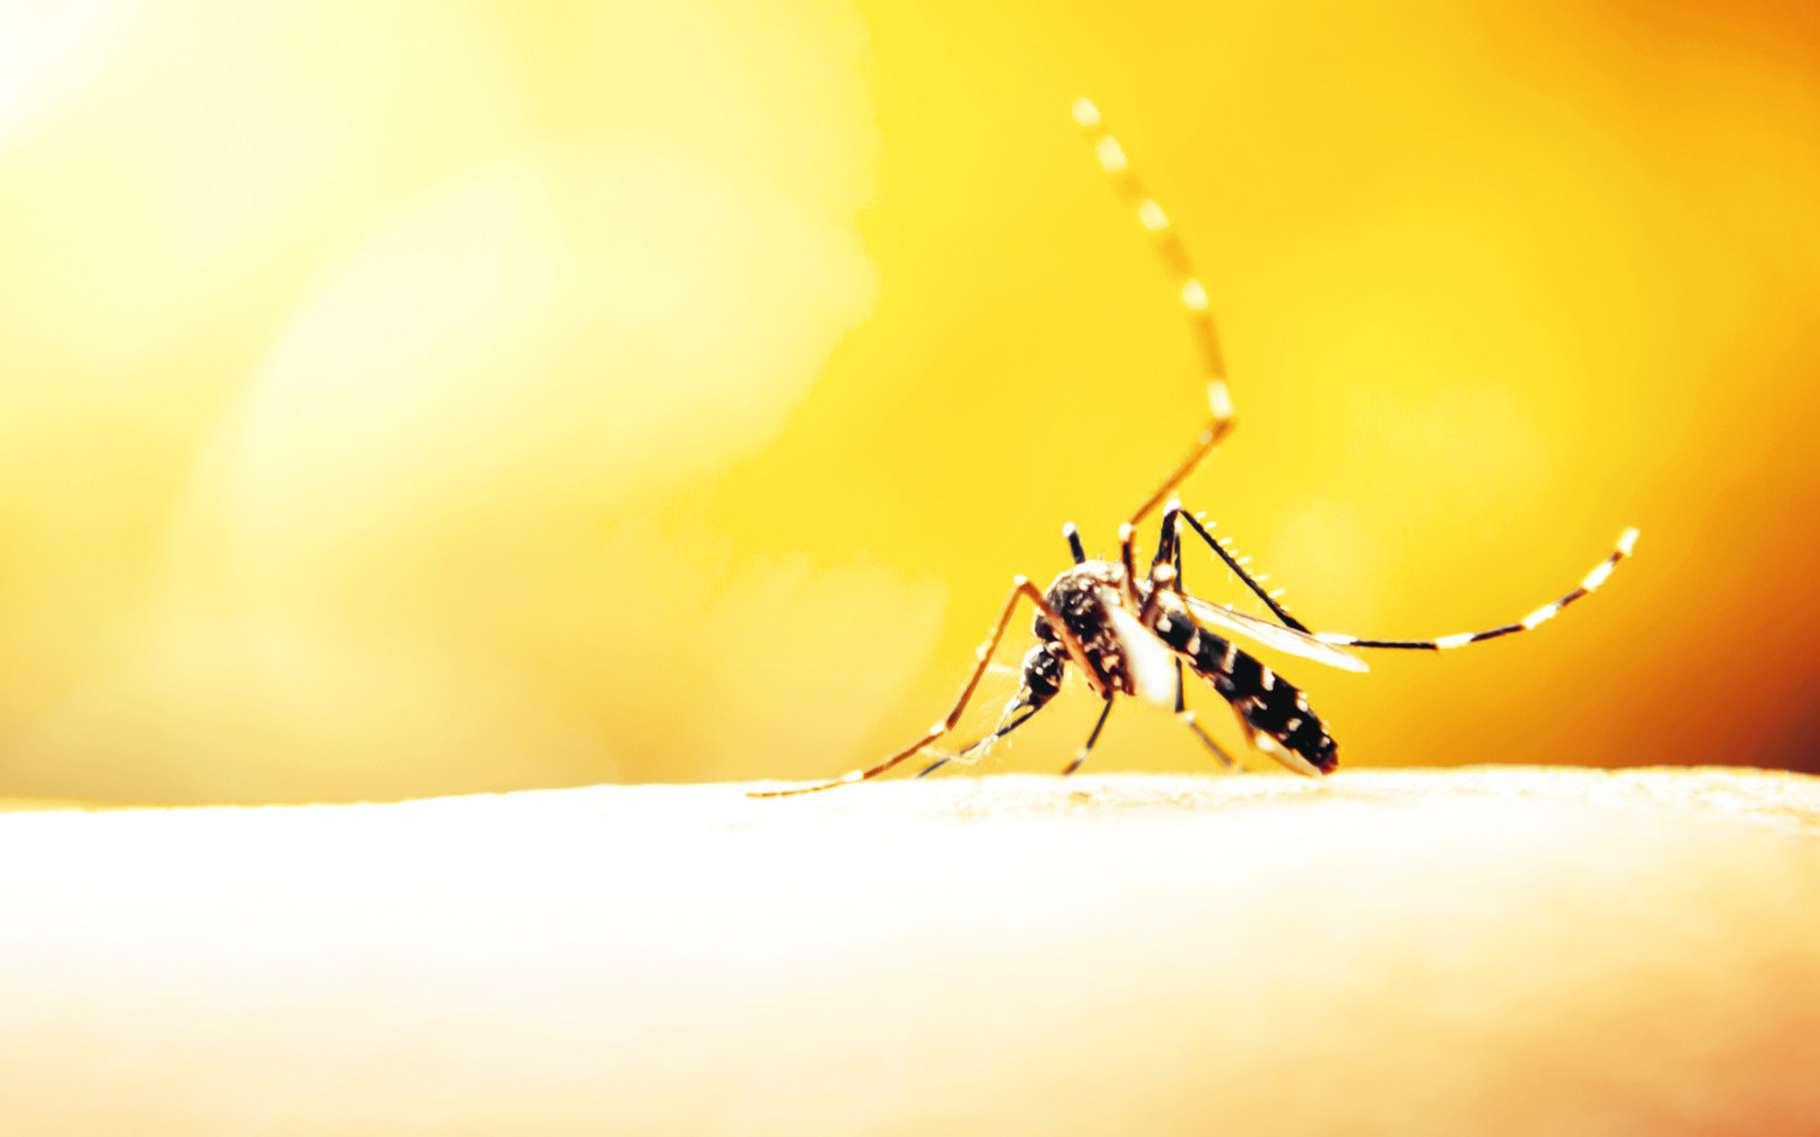 Selon certaines études, les moustiques préféreraient les peaux des femmes et celles plus sucrées. Toutefois, chacun réagit différemment aux piqûres. Cela peut donner l'impression que les moustiques piquent certaines personnes plus que d'autres sans que cela soit forcément le cas. © Apichart Meesri, Shutterstock